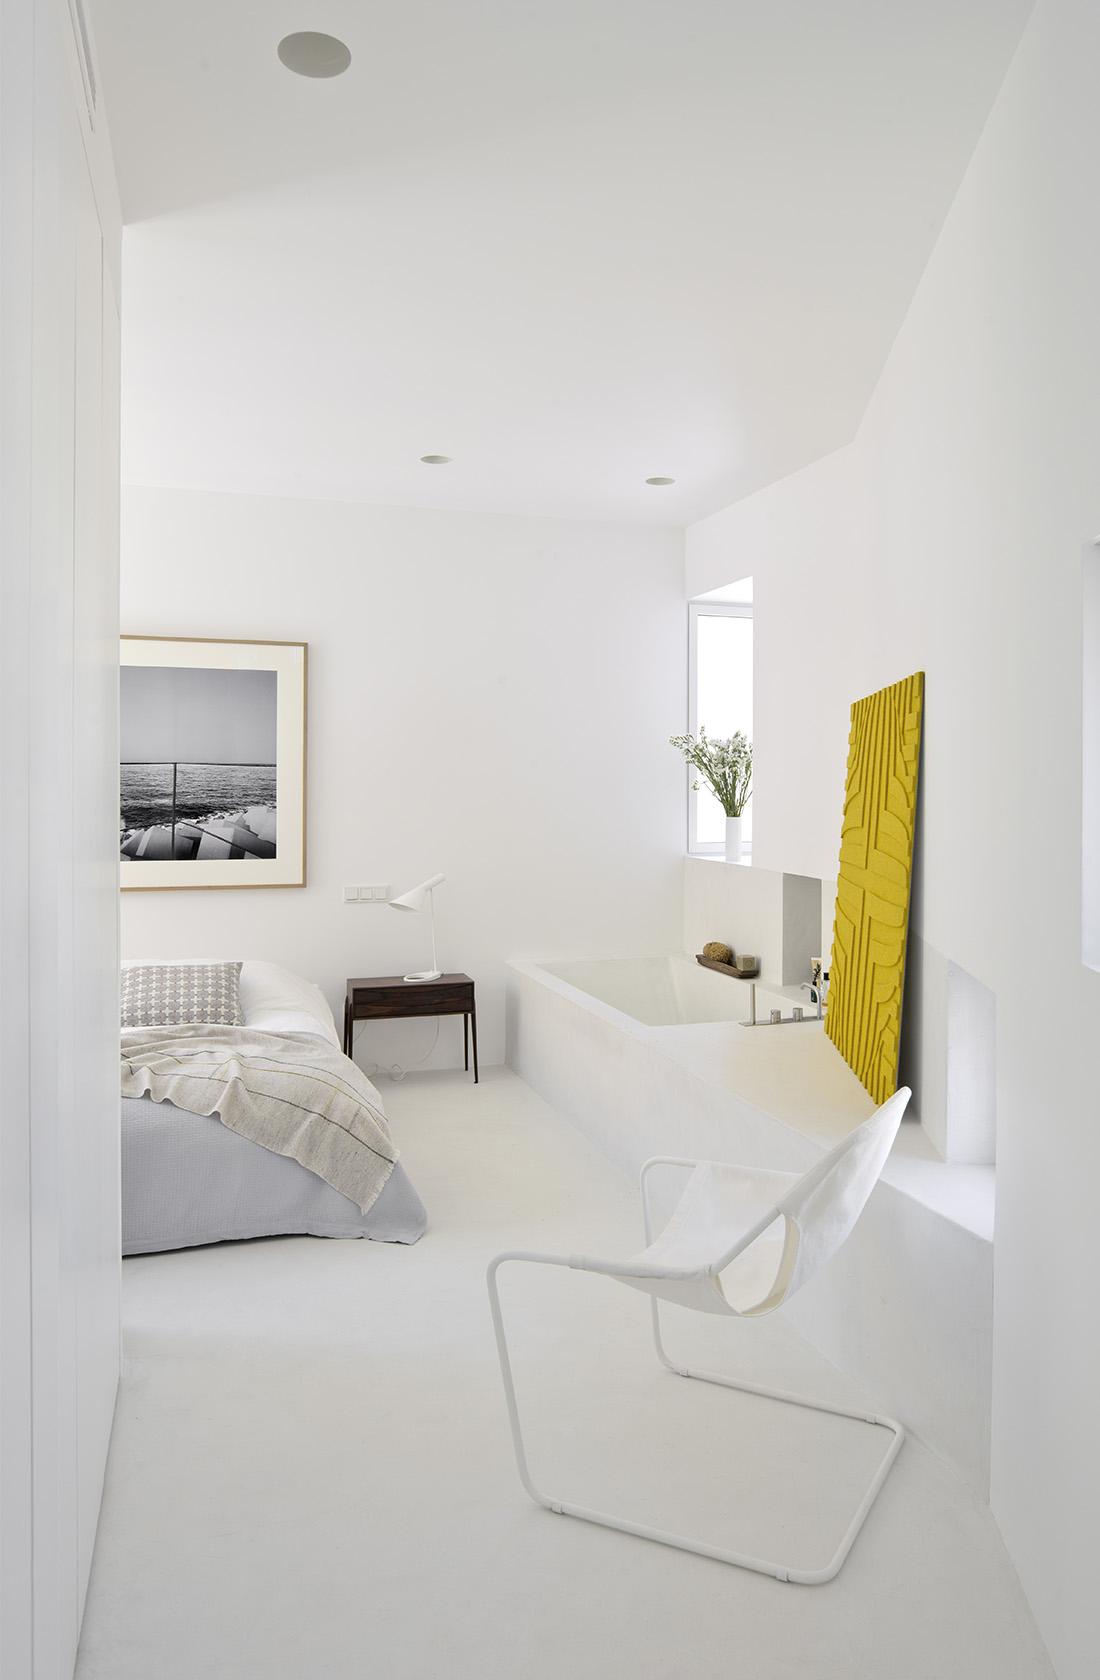 habitacion principal con baño de la reforma integral en alcalá con interiorismo batavia